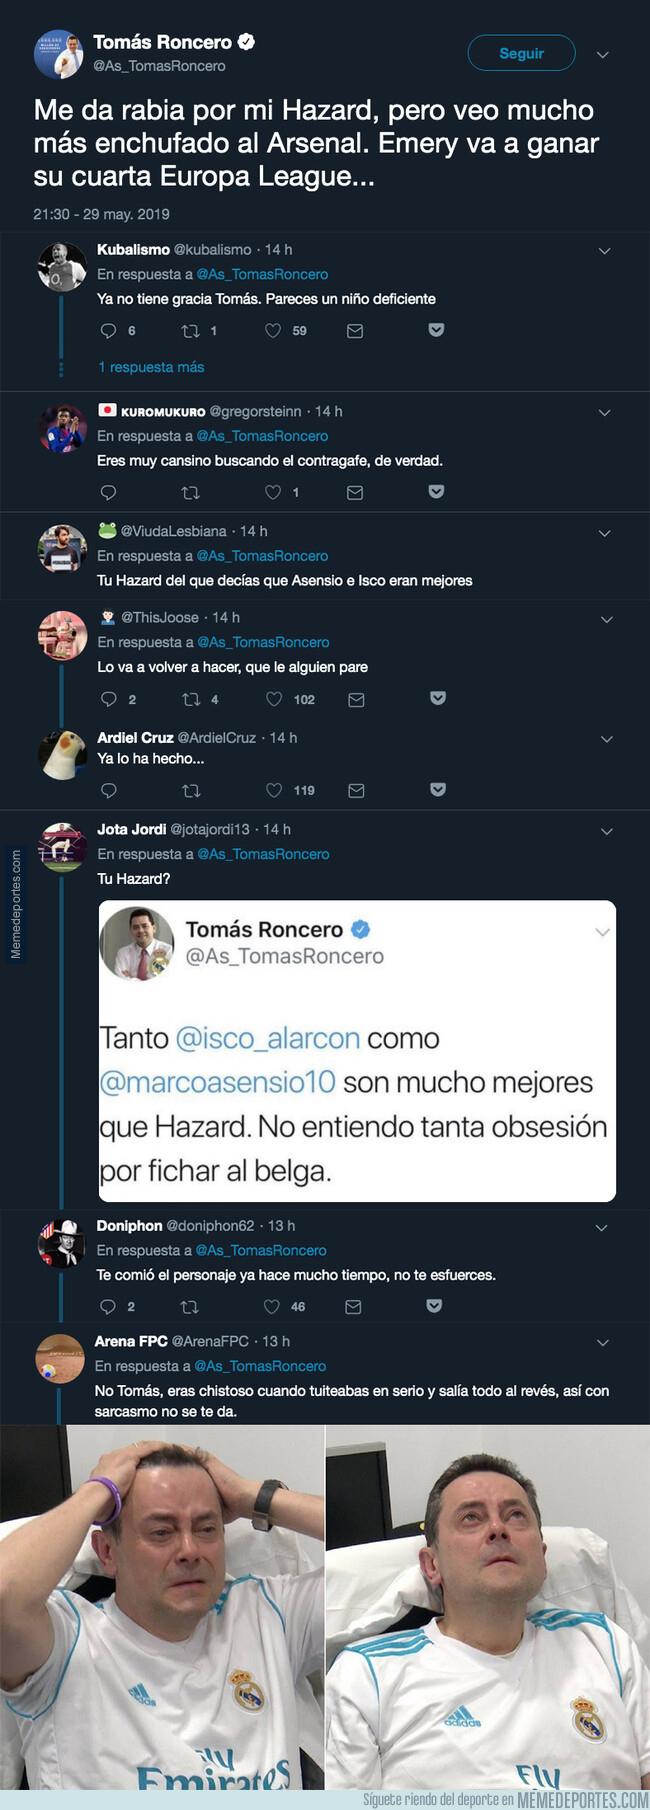 1076533 - Tomás Roncero gafa a propósito al Arsenal y la gente responde de la forma más cruel